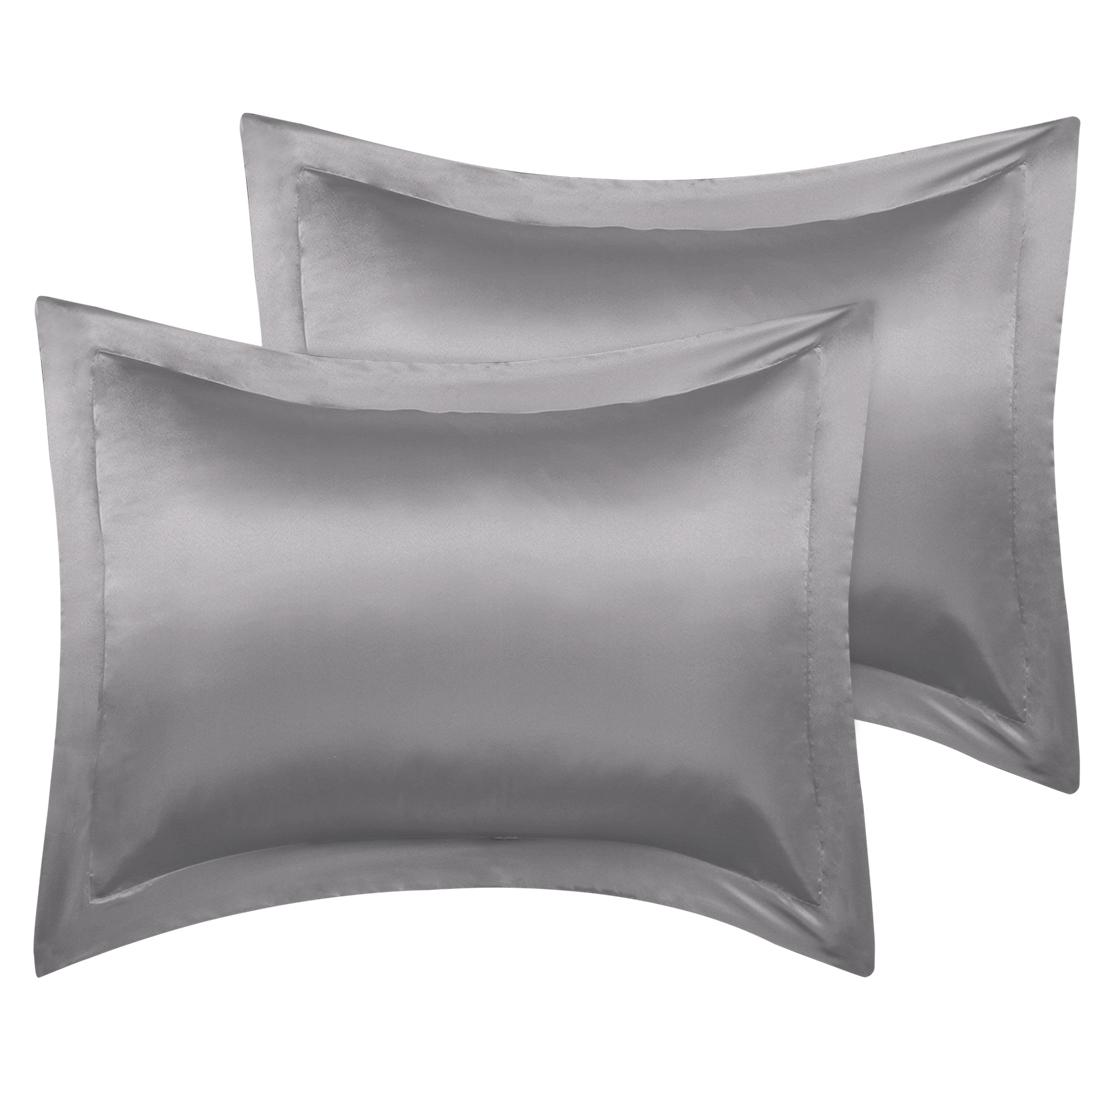 2 Pcs Grey Pillow Shams Satin Pillow Cases Queen Oxford Pillowcases